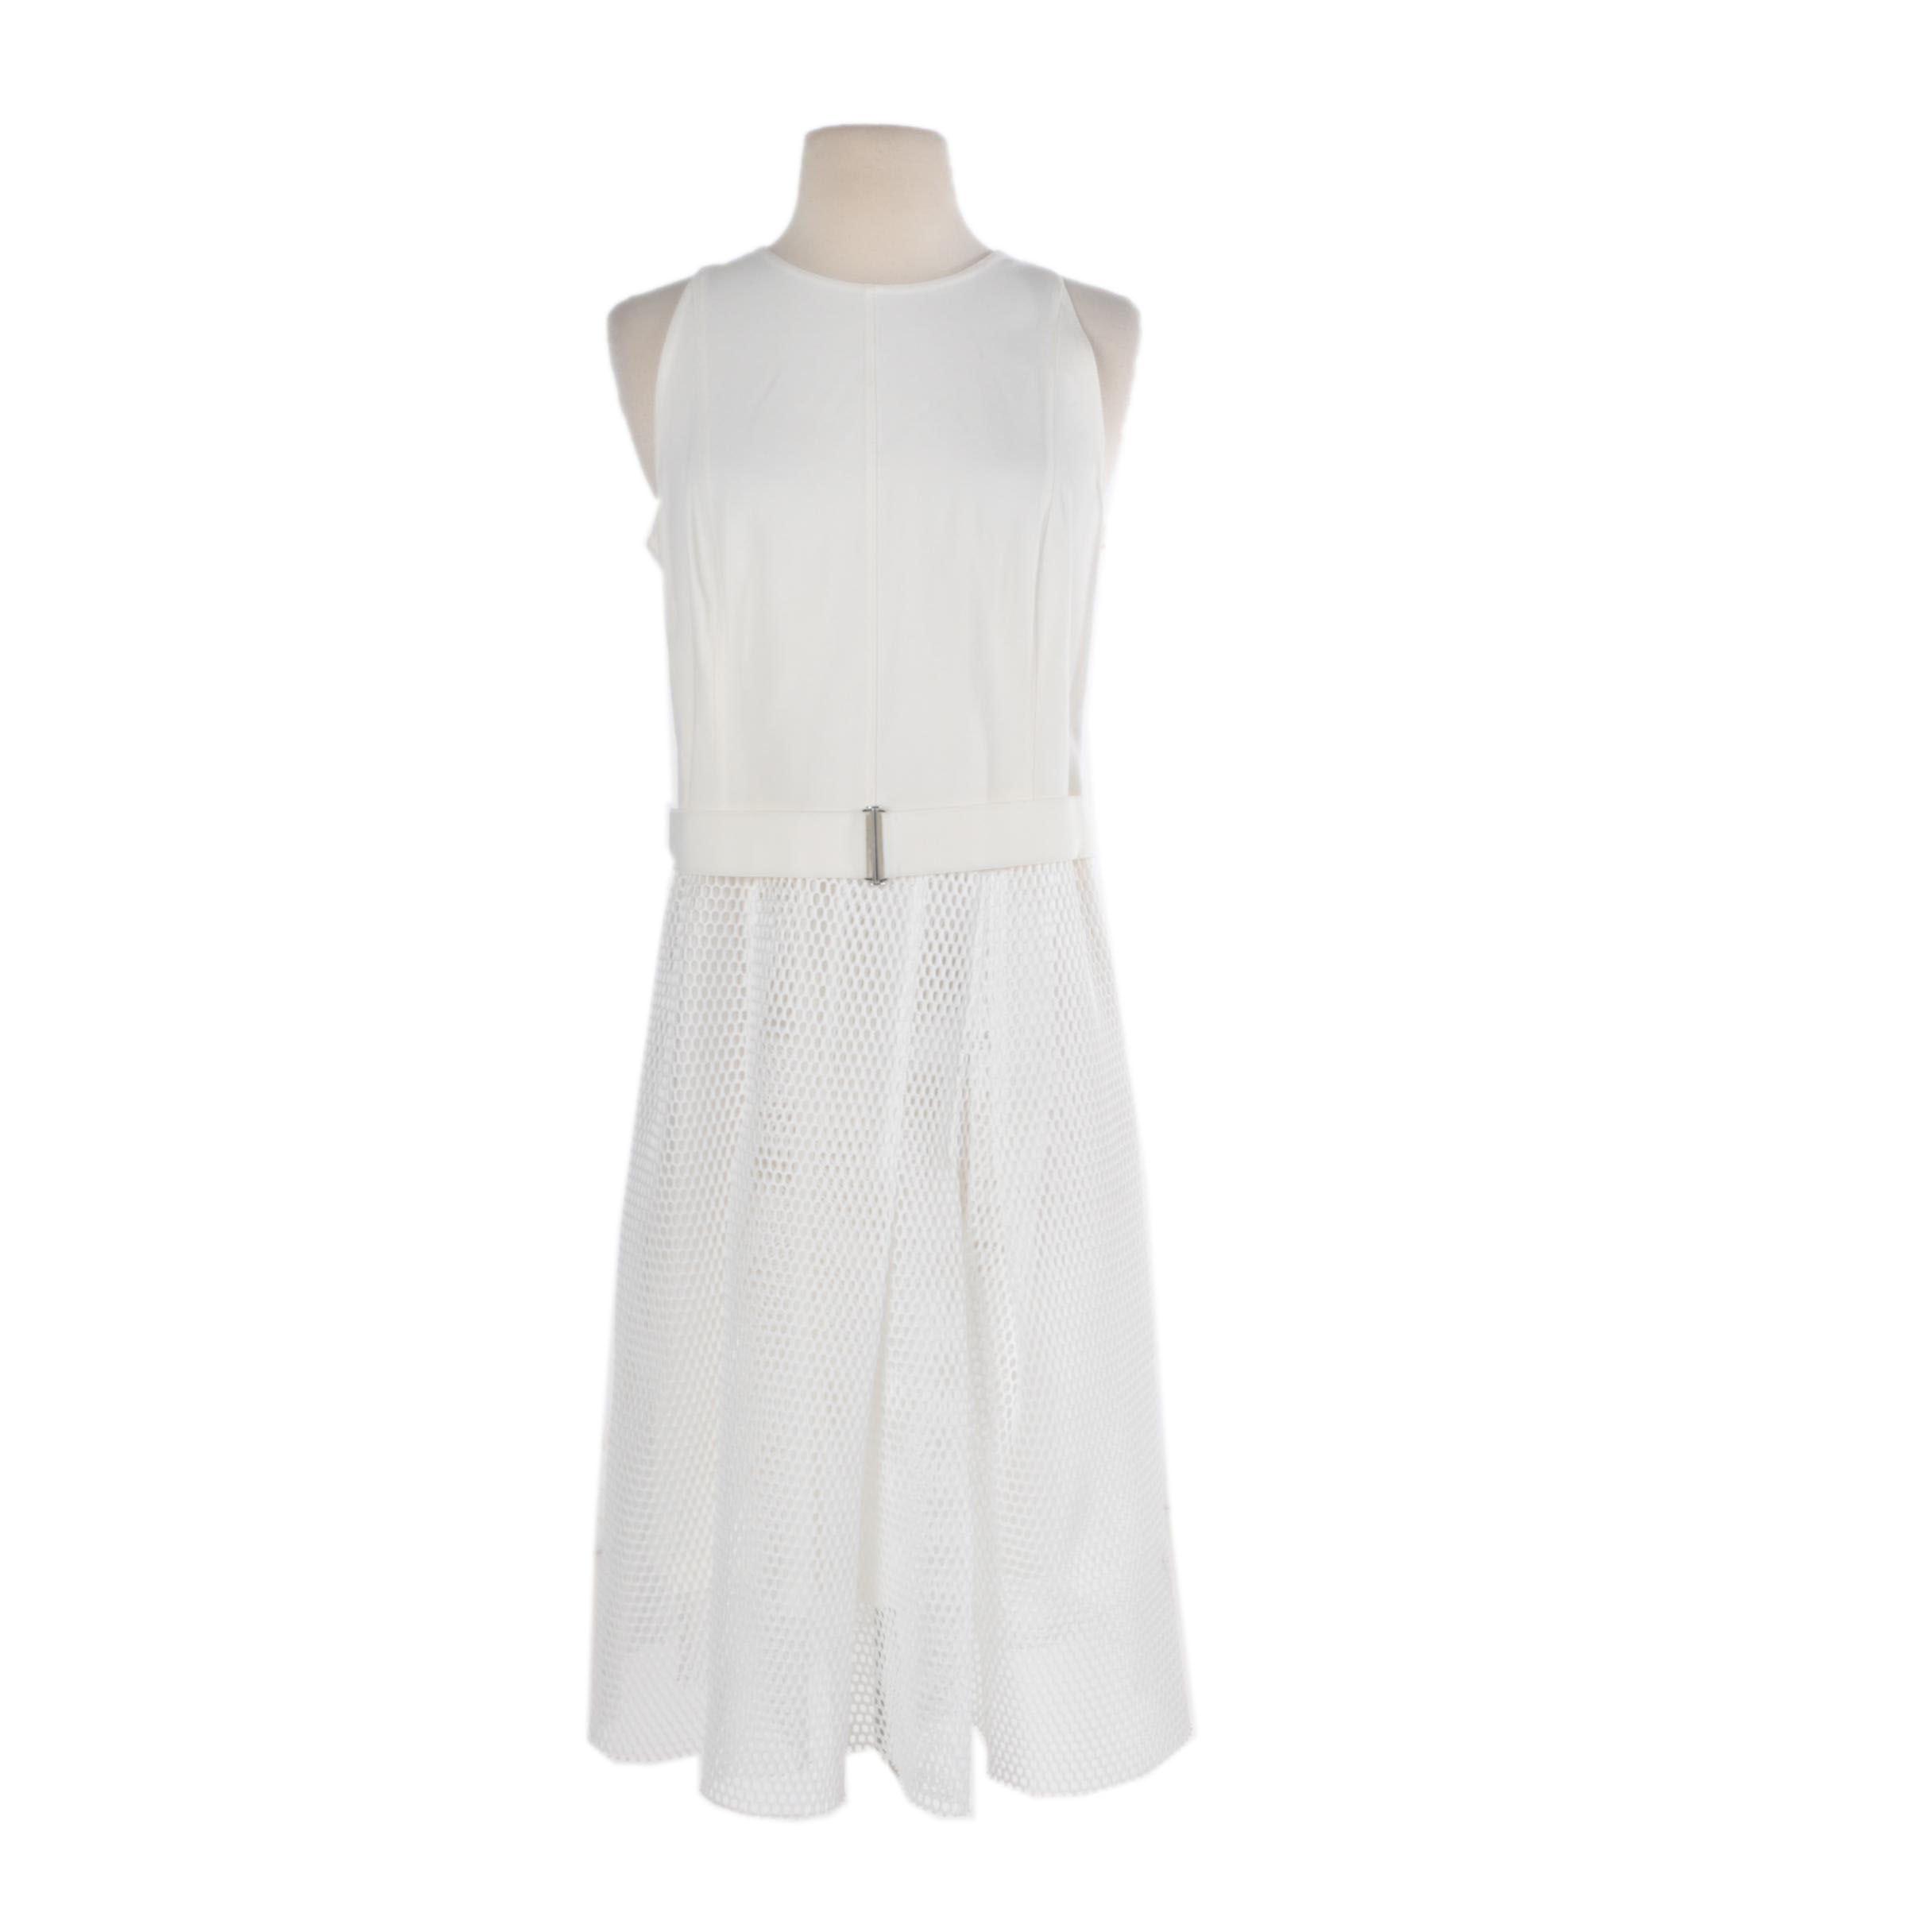 Akris Punto Sleeveless Dress